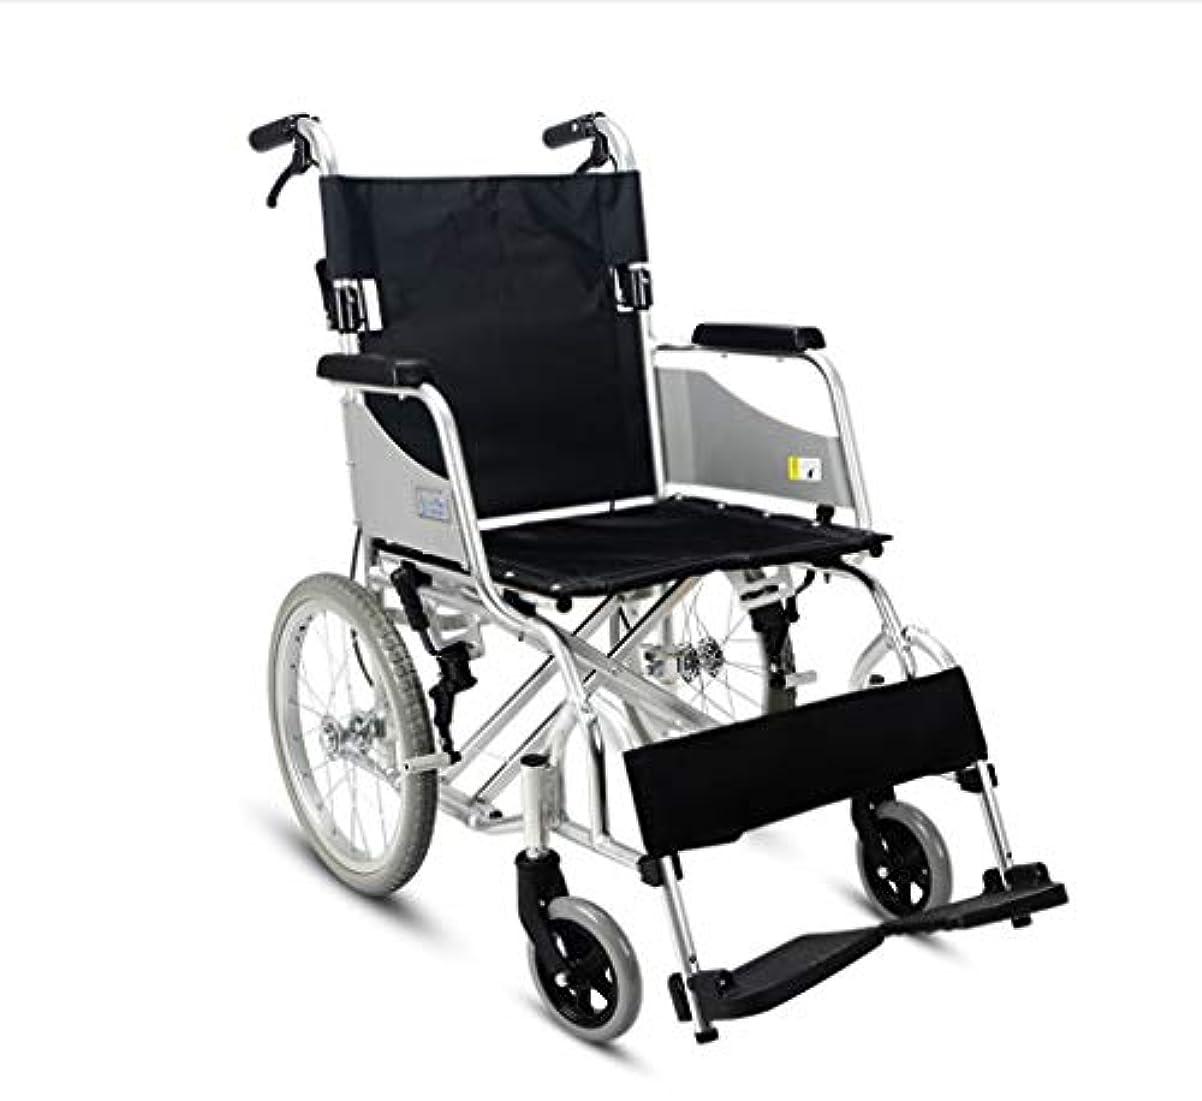 クローゼット船酔い朝食を食べる車椅子高齢者ポータブル、折りたたみハンドプッシュ屋外旅行車椅子